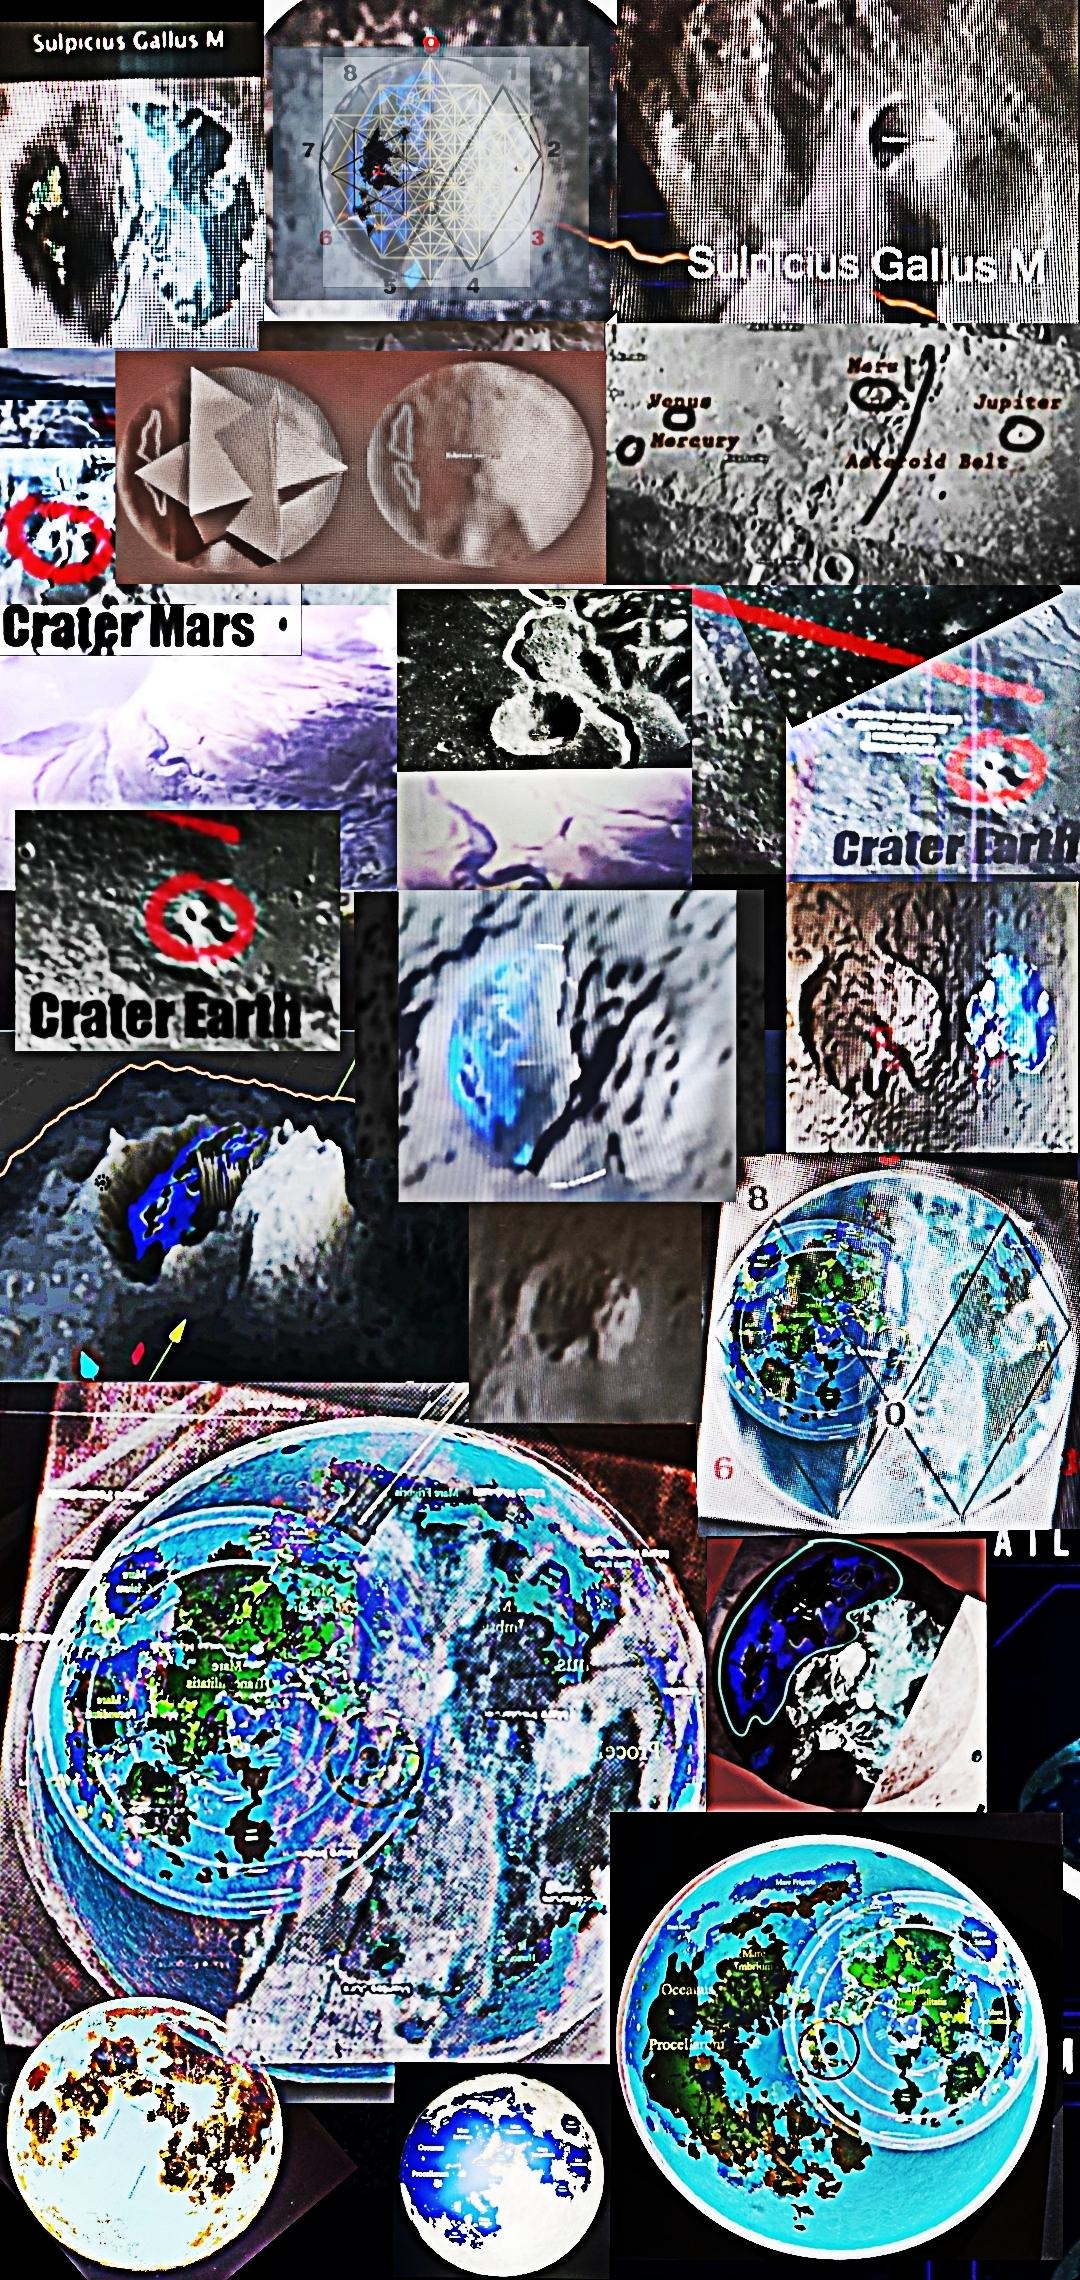 Sulpicius Gallus Manilius Crater Earth Moonmap.jpg